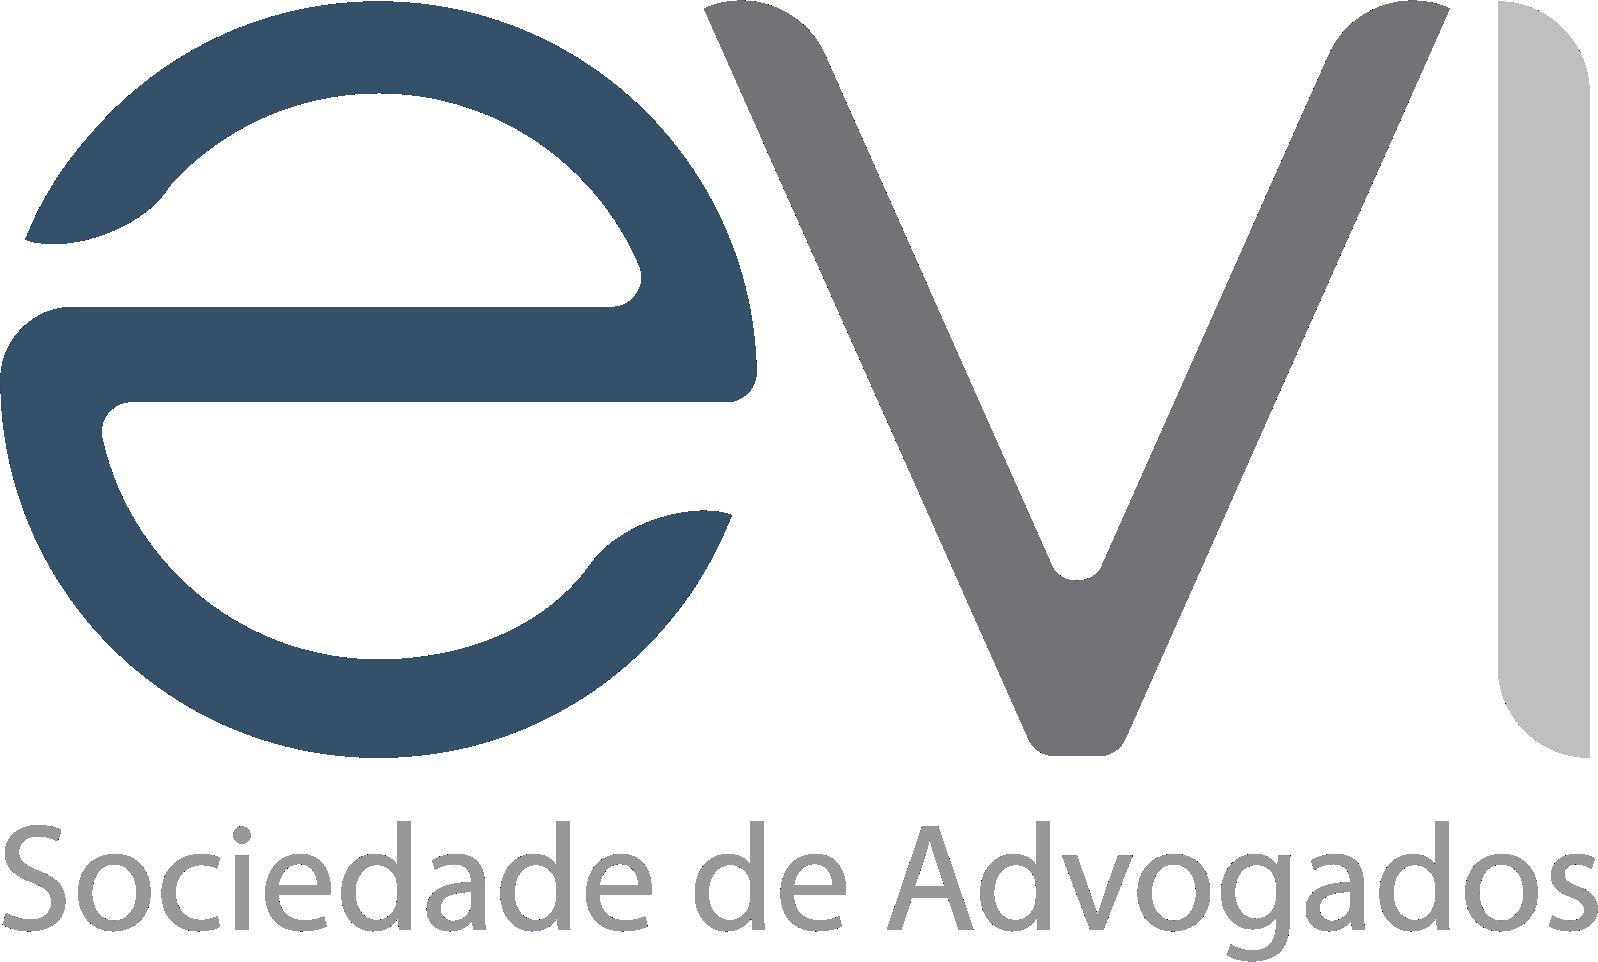 EVI Sociedade de Advogados